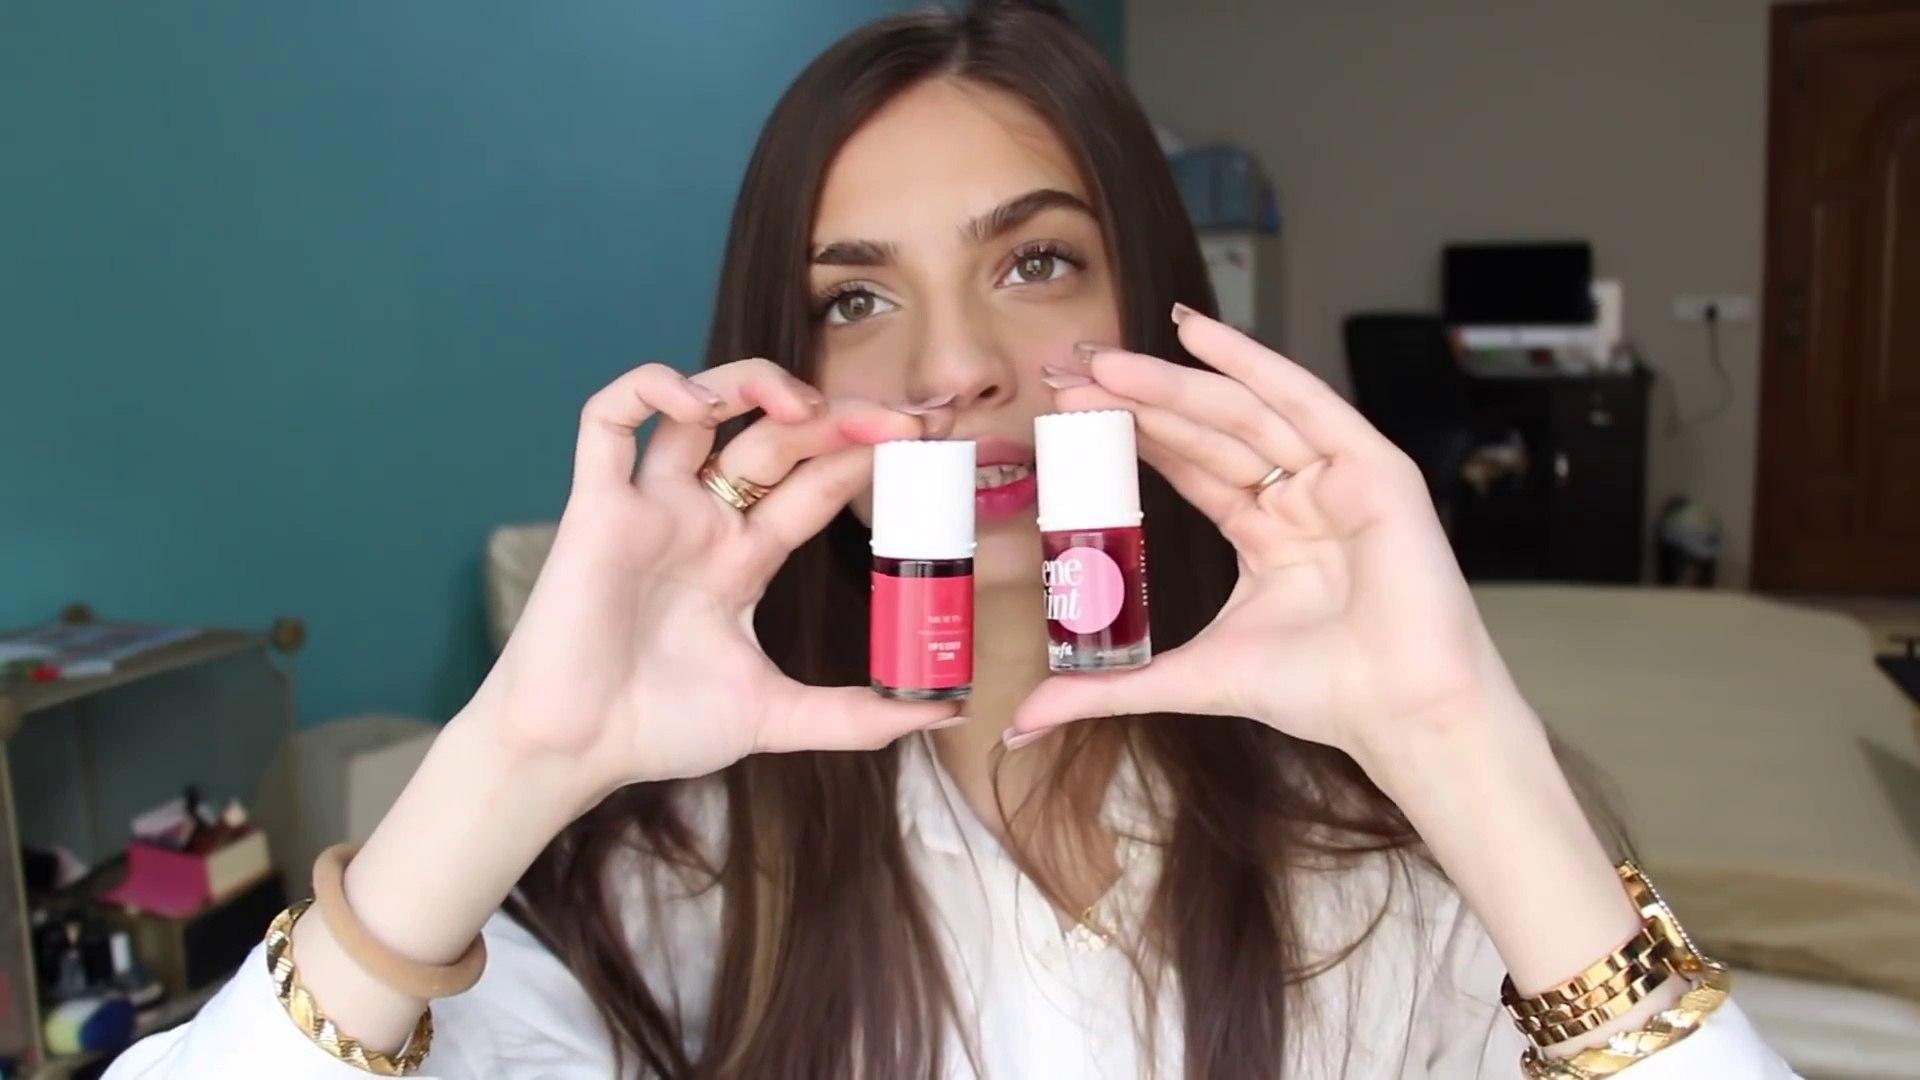 EASY AND QUICK 5 MINUTE MAKEUP CHALLENGE  Maroosha's Makeup ❤️